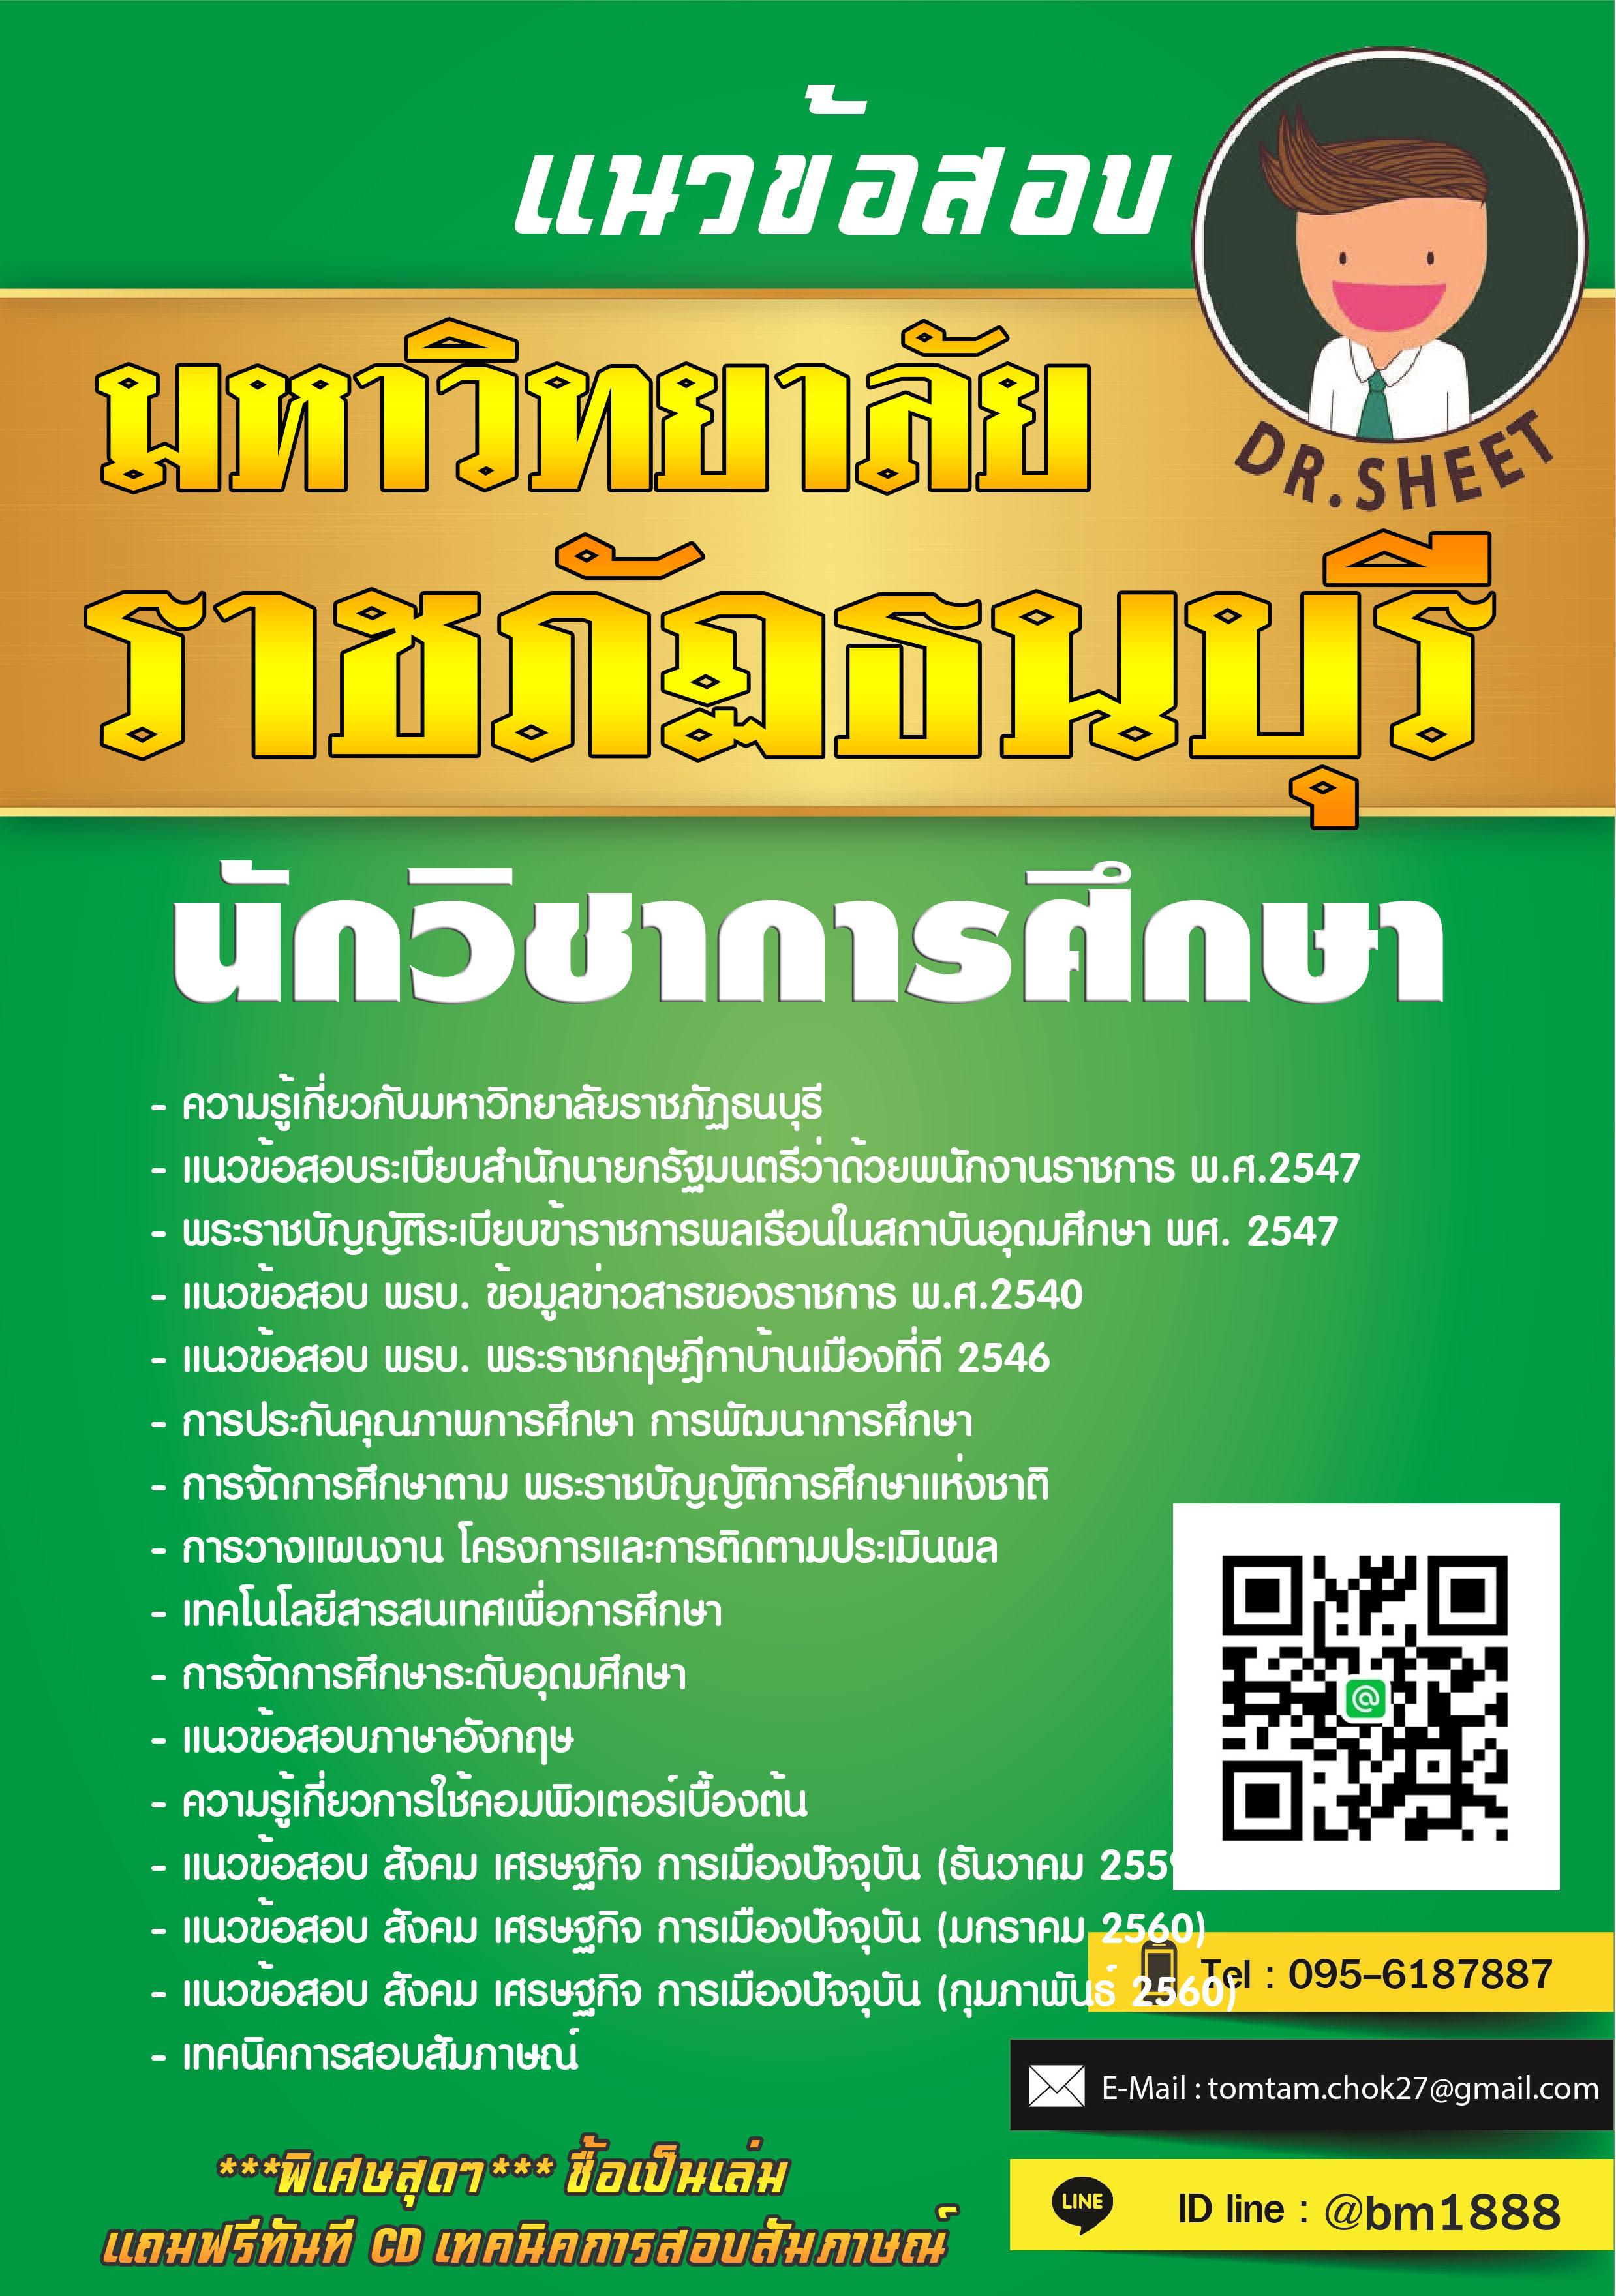 แนวข้อสอบ นักวิชาการศึกษา มหาวิทยาลัยราชภัฏธนบุรี